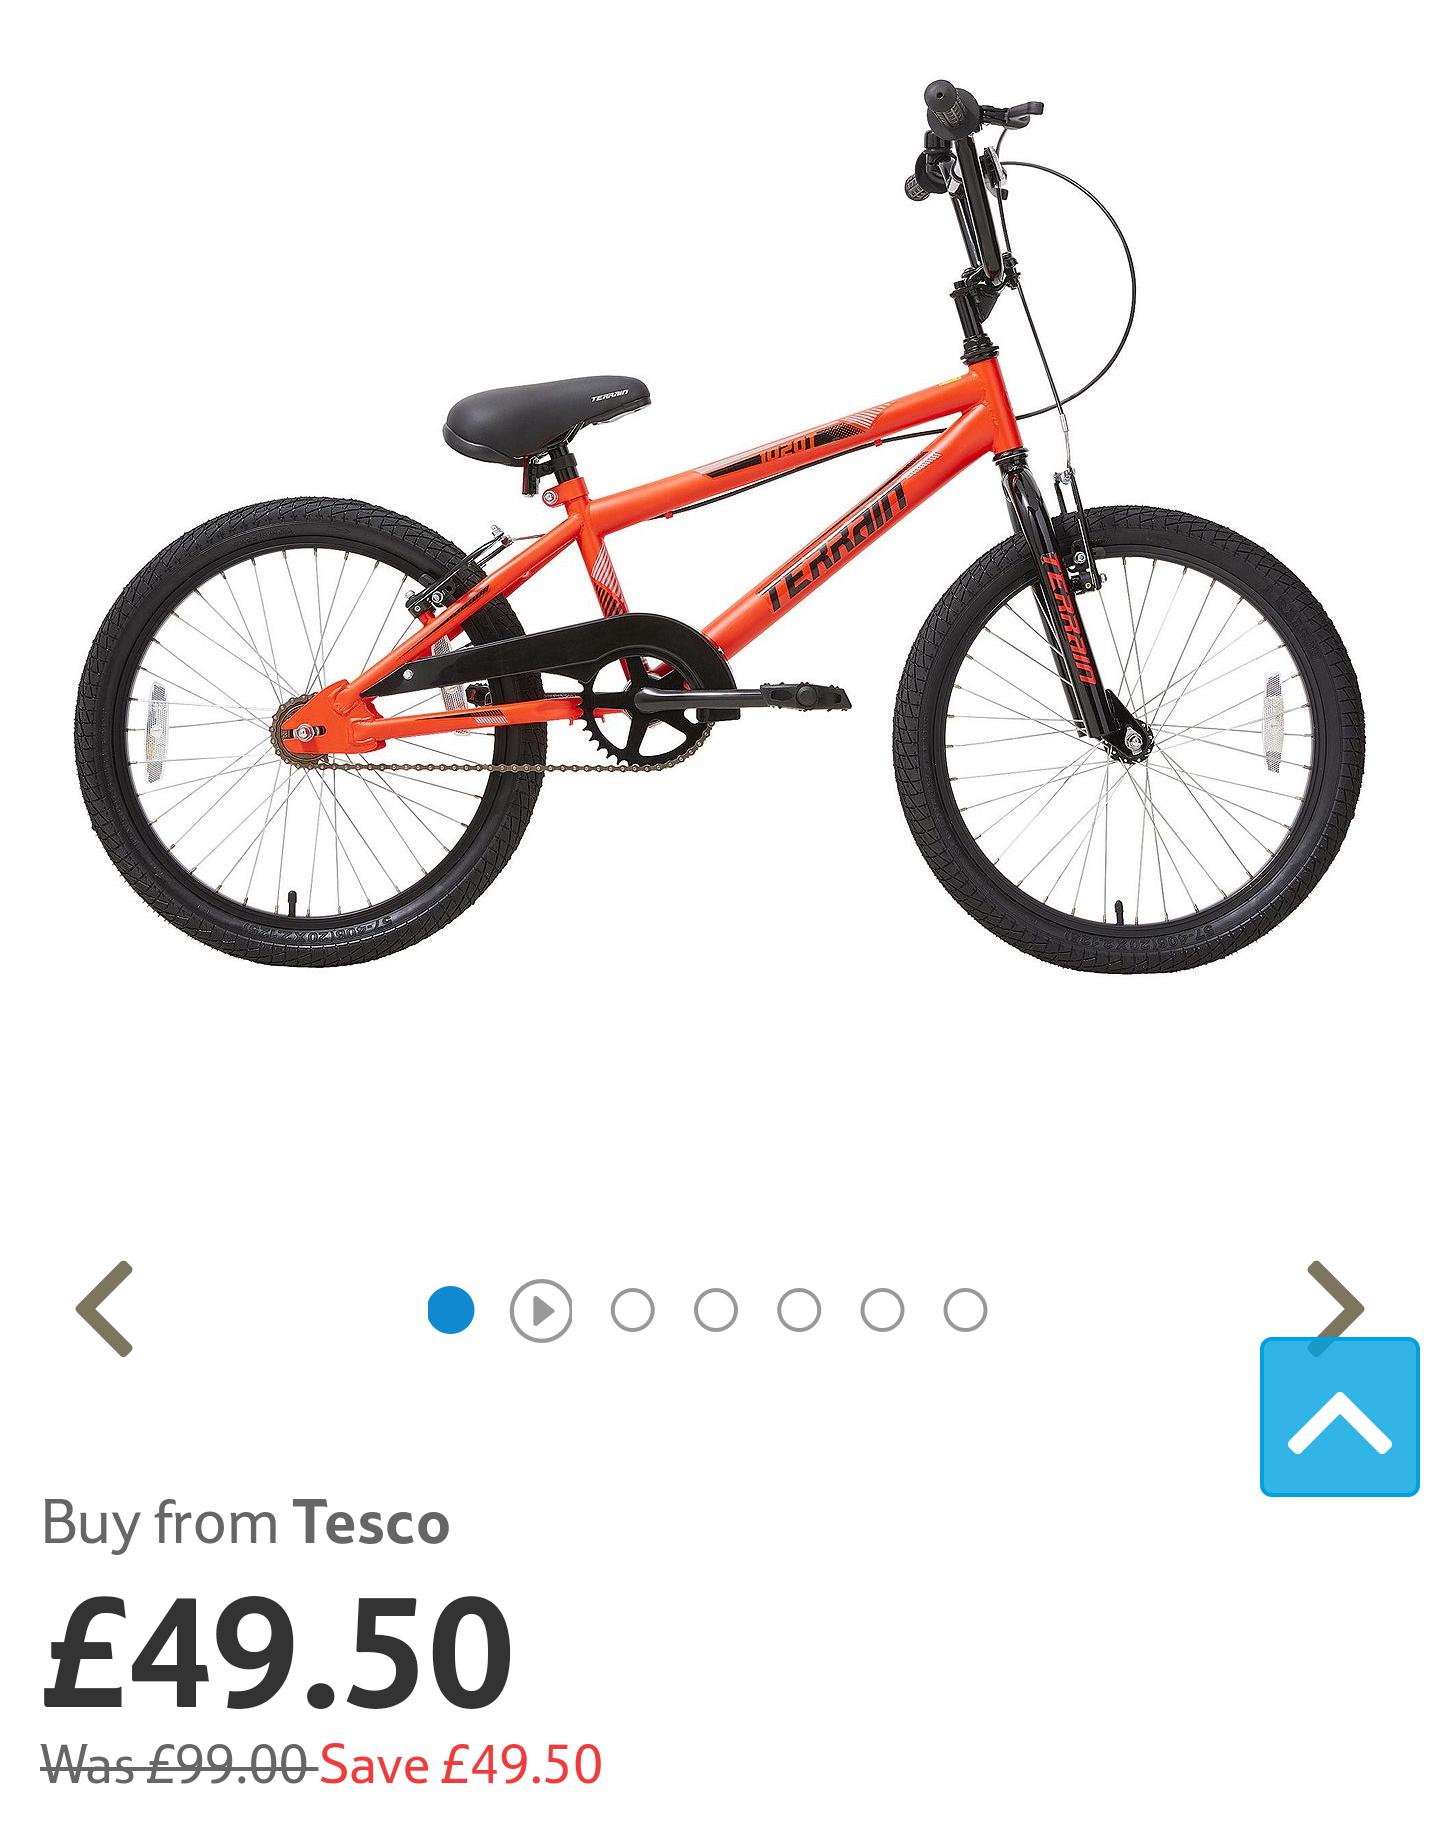 Tesco 20 inch wheel BMX style bike was £99 now half price £49.50